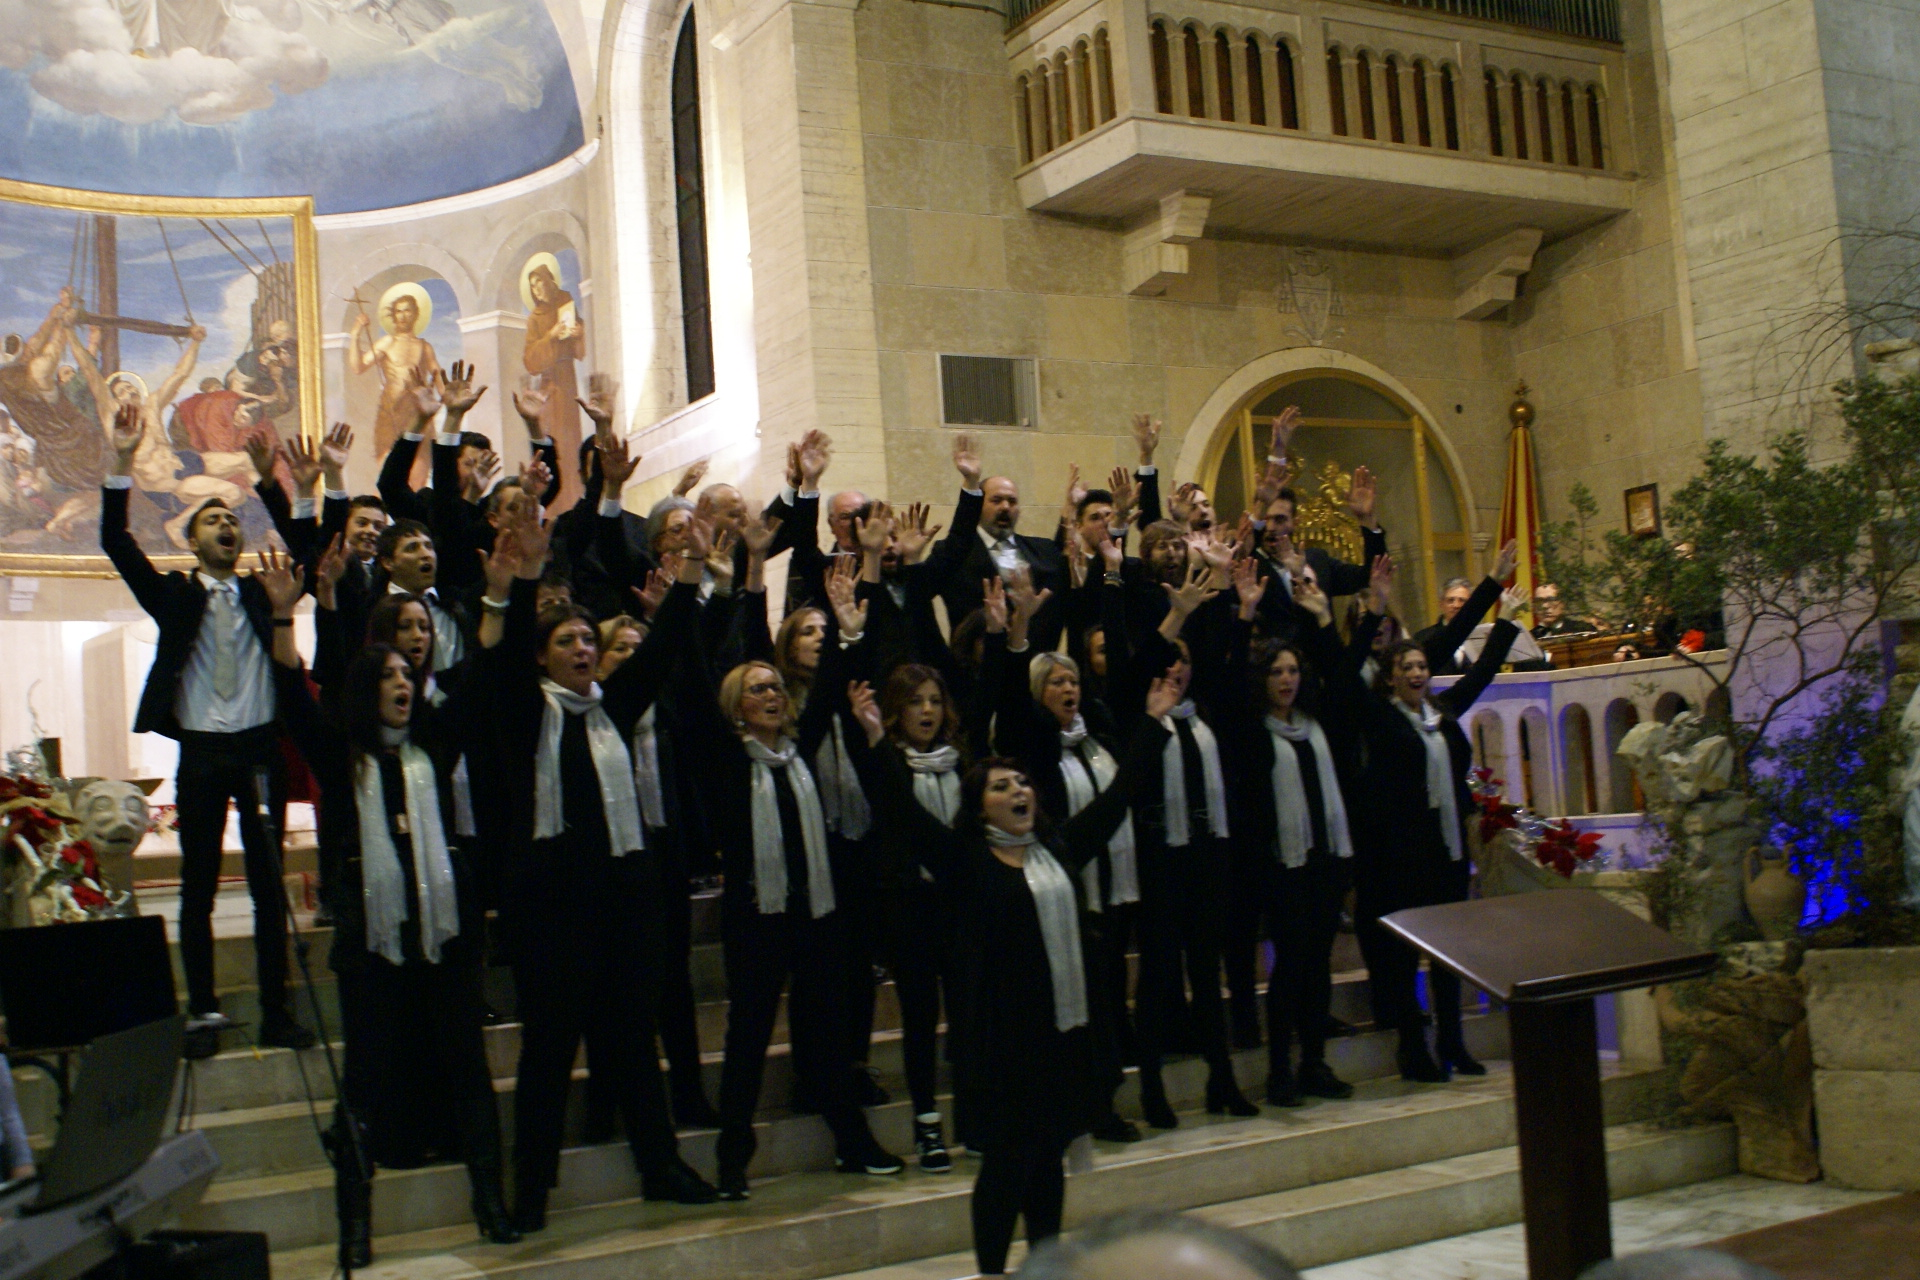 Artis Musicae Accademia - Cassino